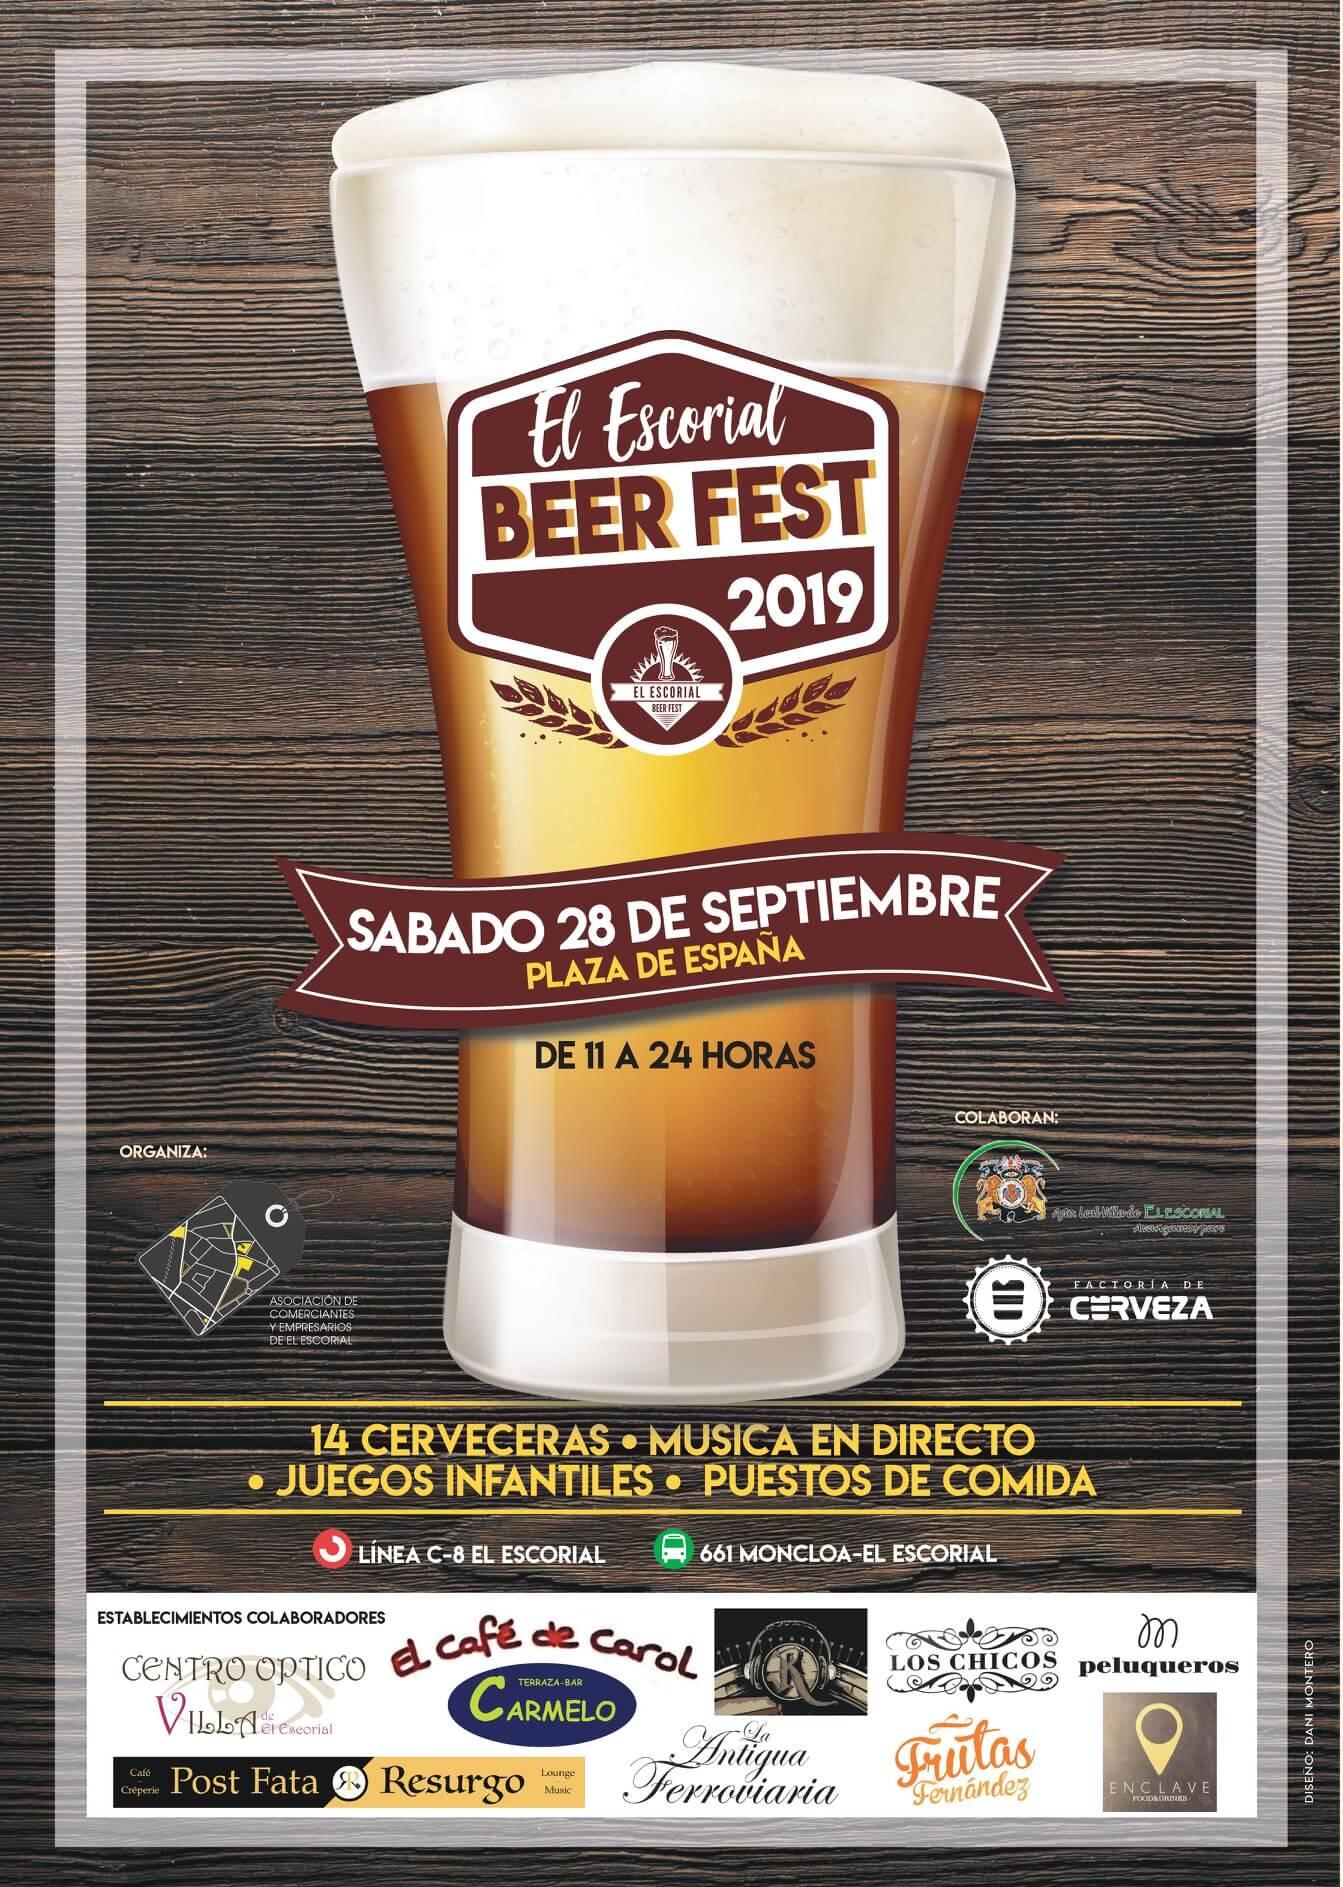 Feria de Cervezas Artesana de El Escorial en septiembre de 2019